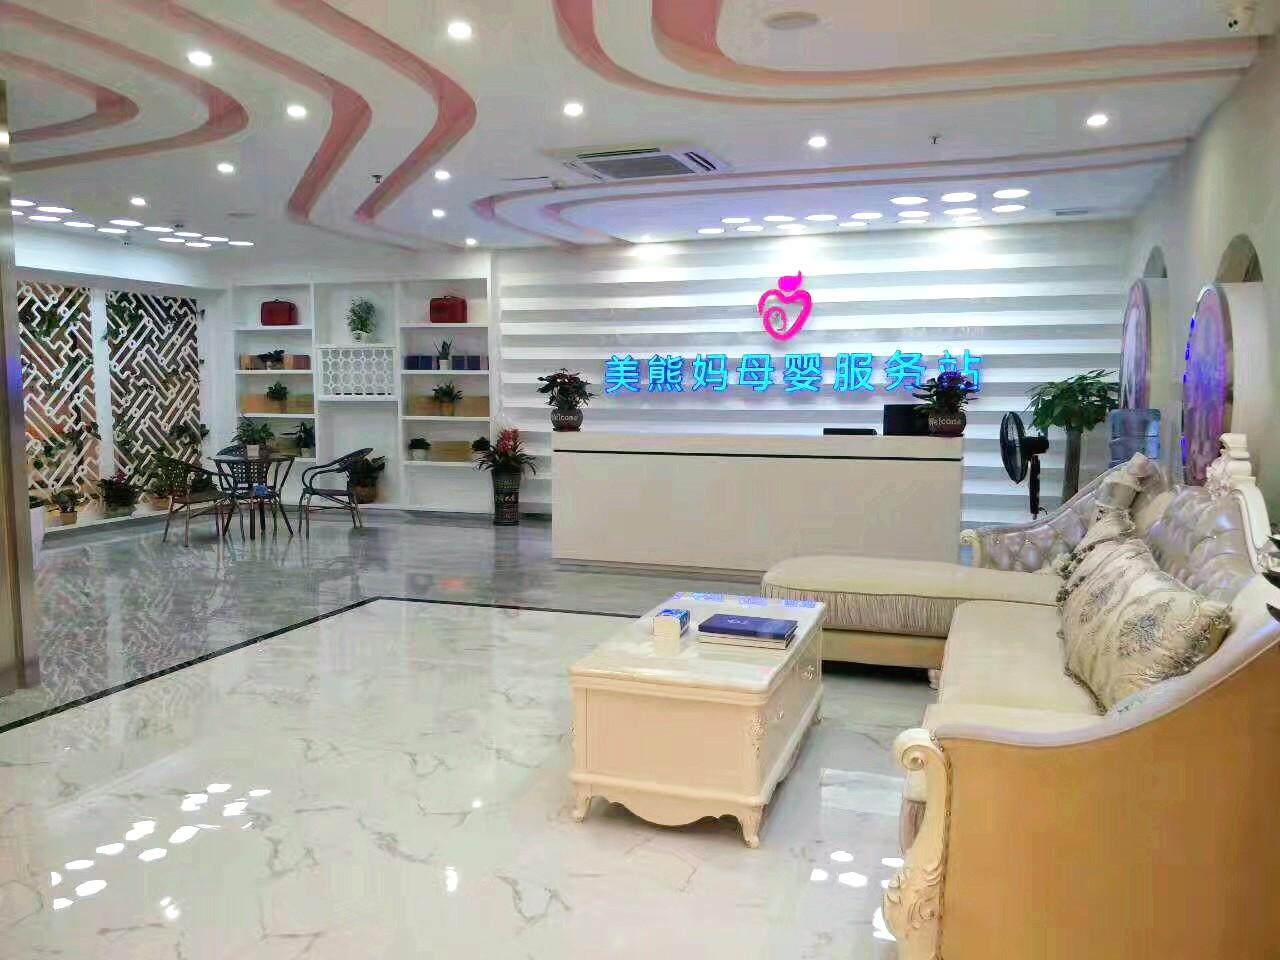 广州美熊妈母婴服务中心    母婴服务    广州美熊妈